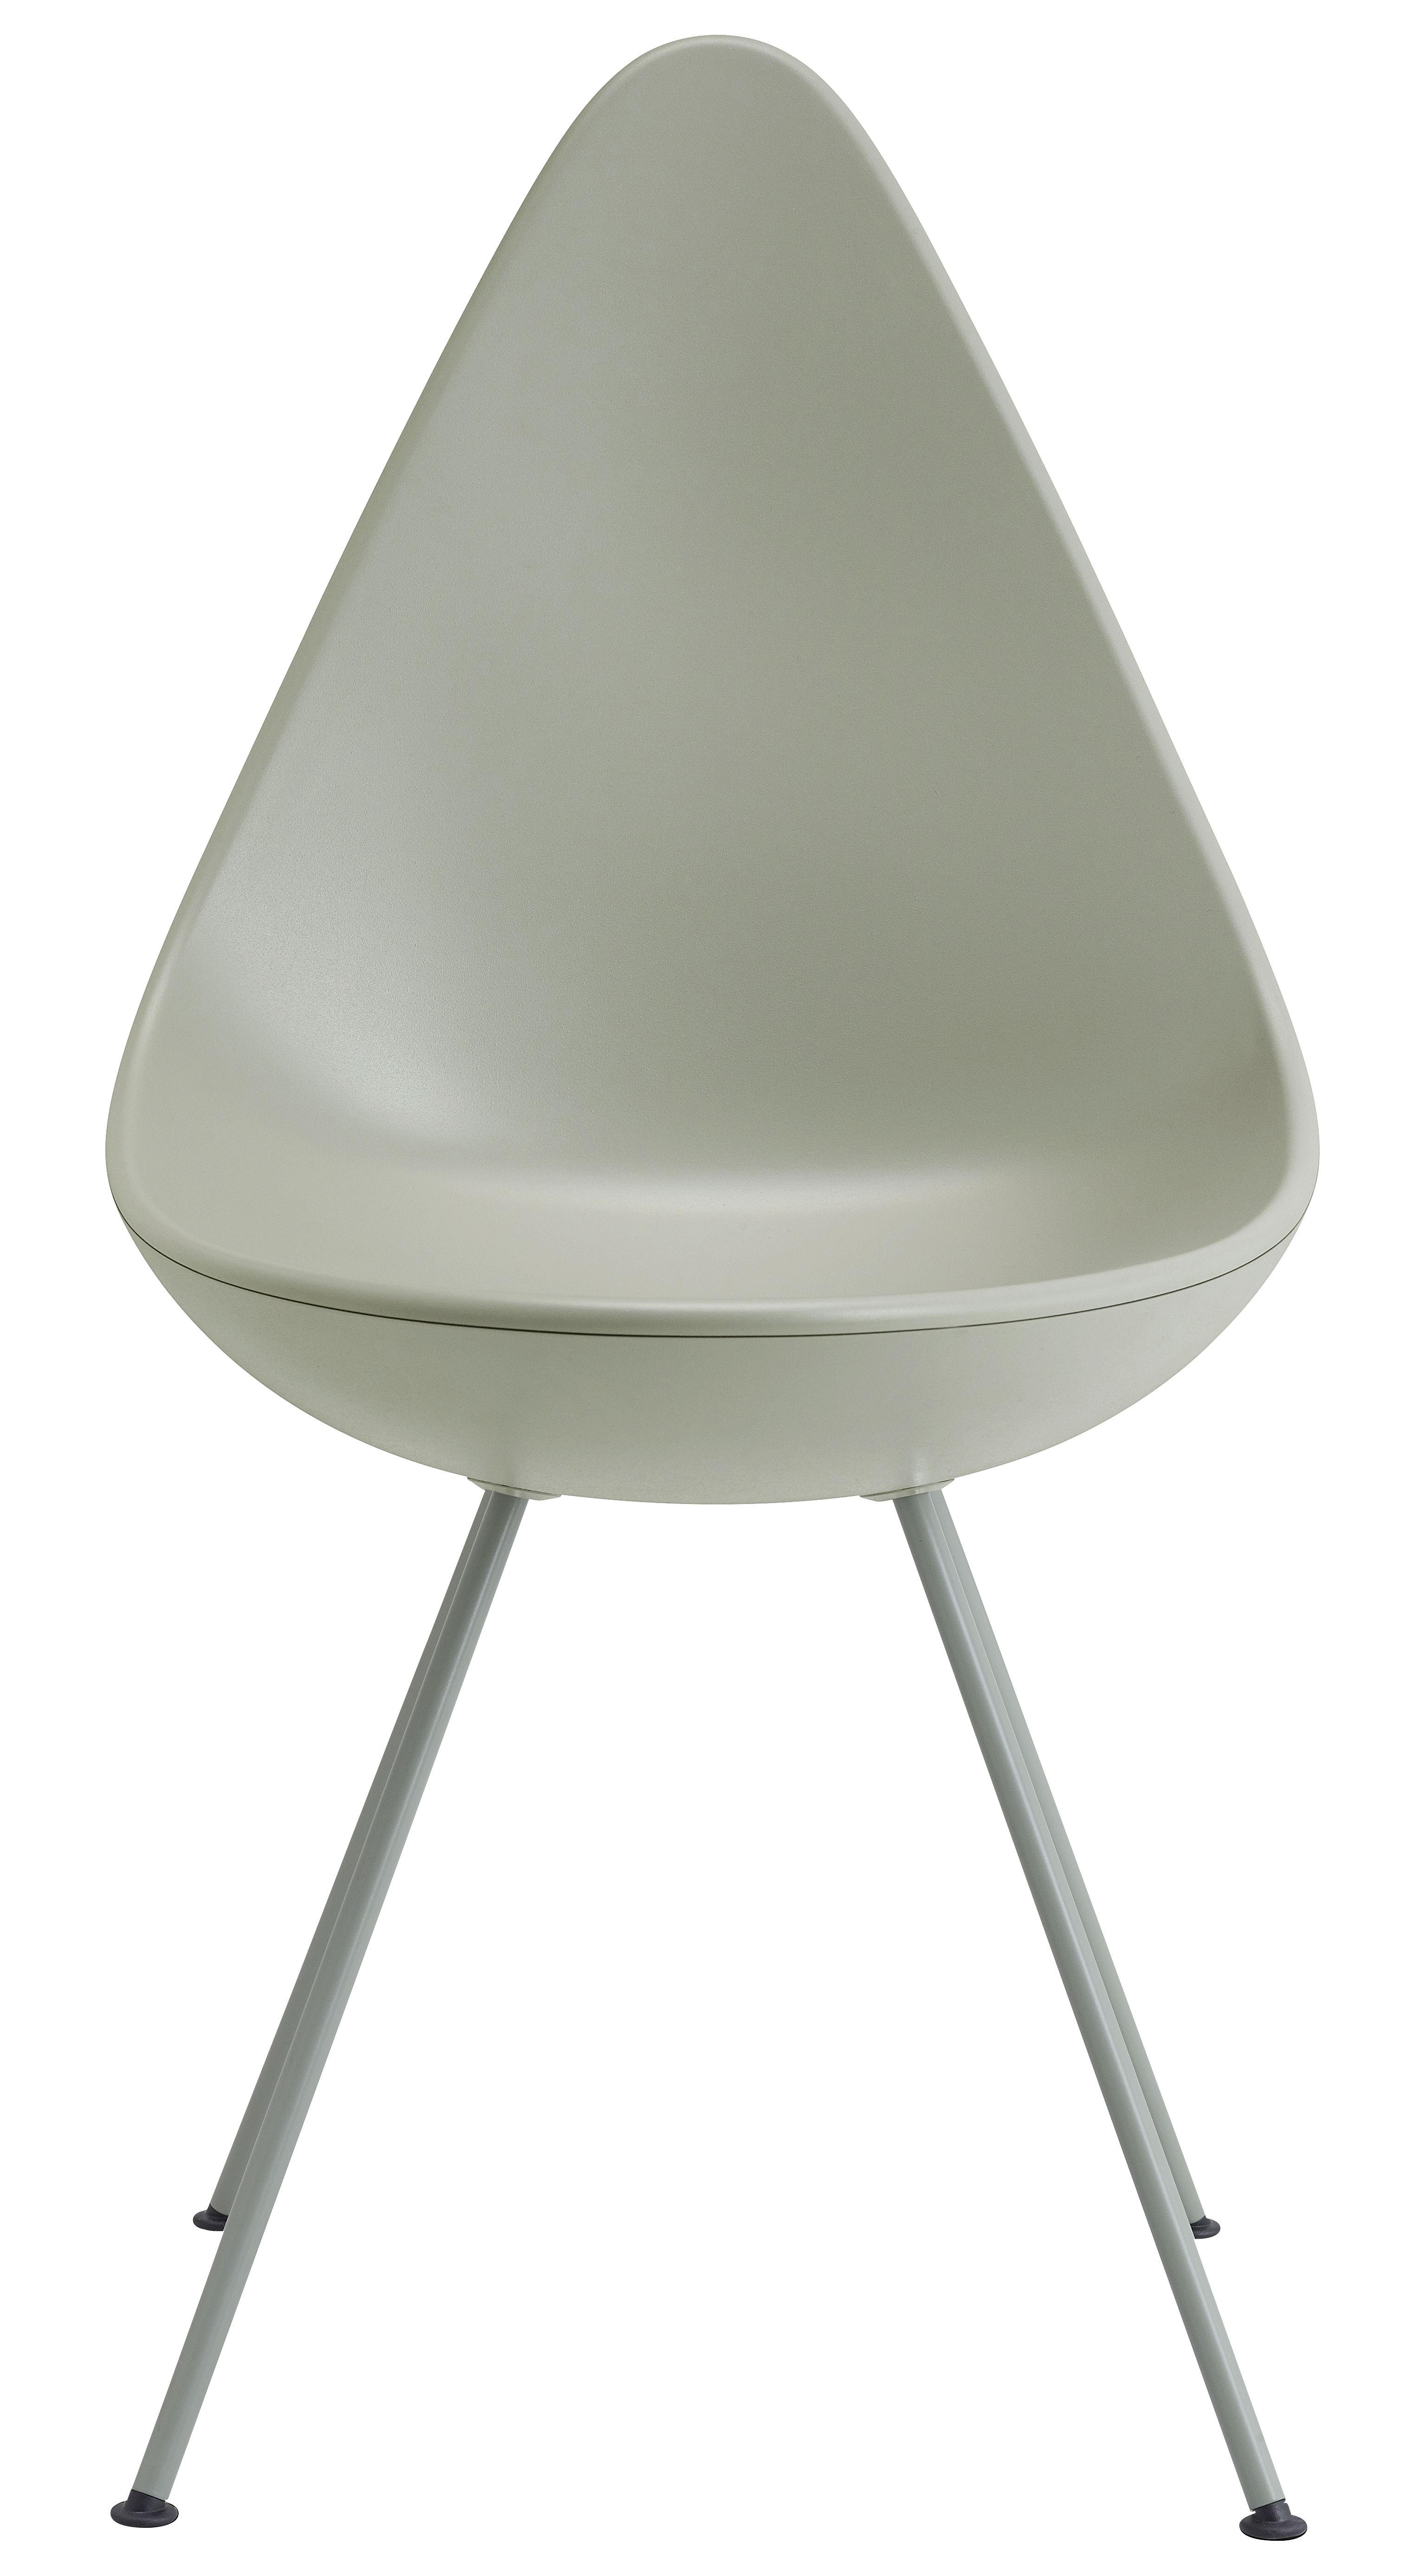 Arredamento - Sedie  - Sedia Drop / Guscio plastico - Riedizione 1958 - Fritz Hansen - Grigio - Acciaio laccato, Nylon, Plastique ABS